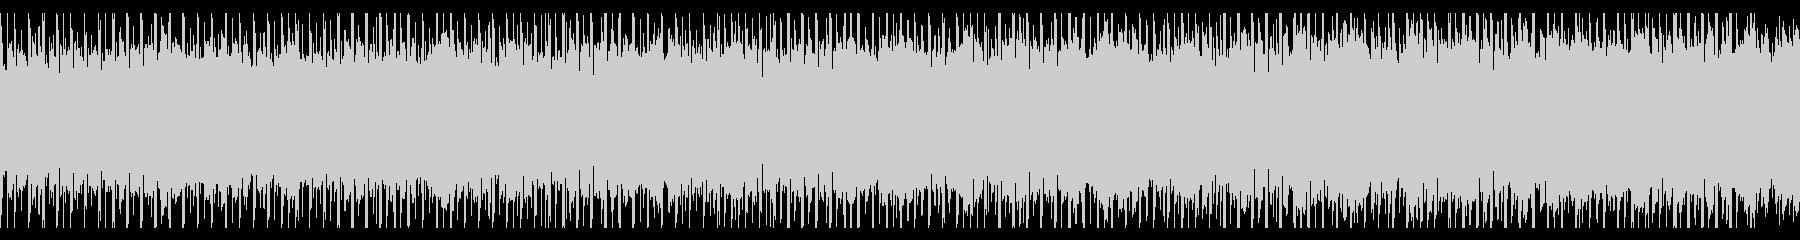 インフォグラフィック(ループ)の未再生の波形